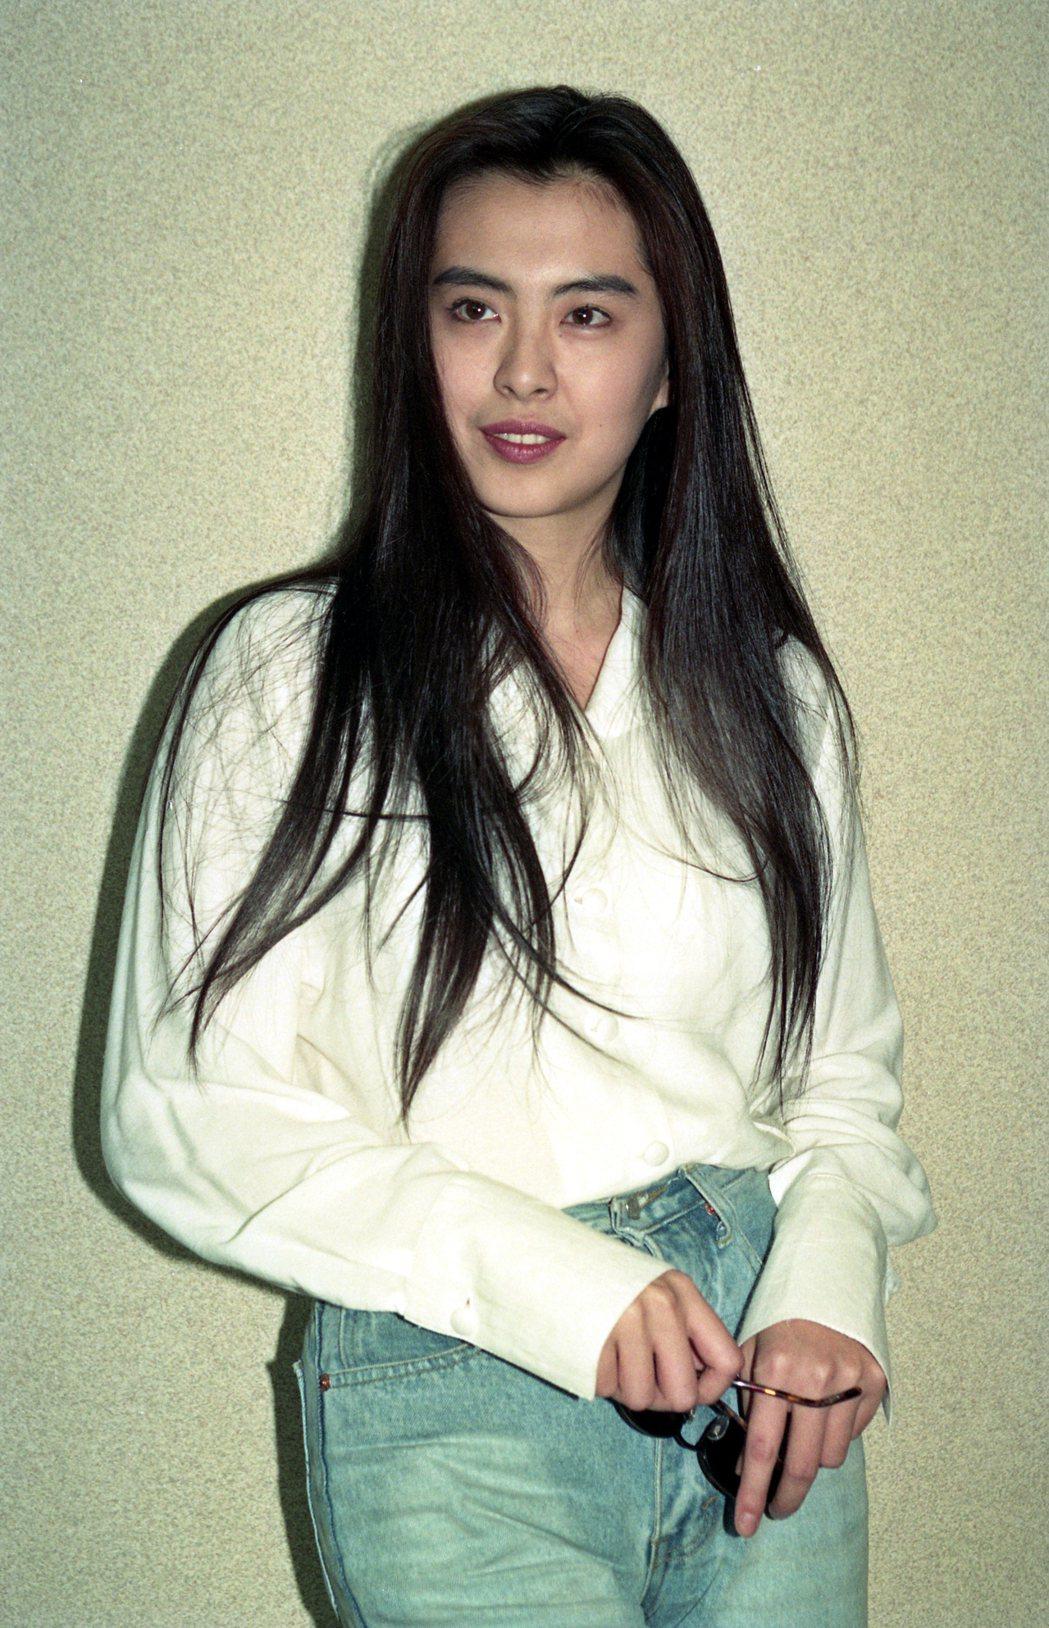 王祖賢二十多年前是華語片影壇搶手紅星。圖/本報資料照片